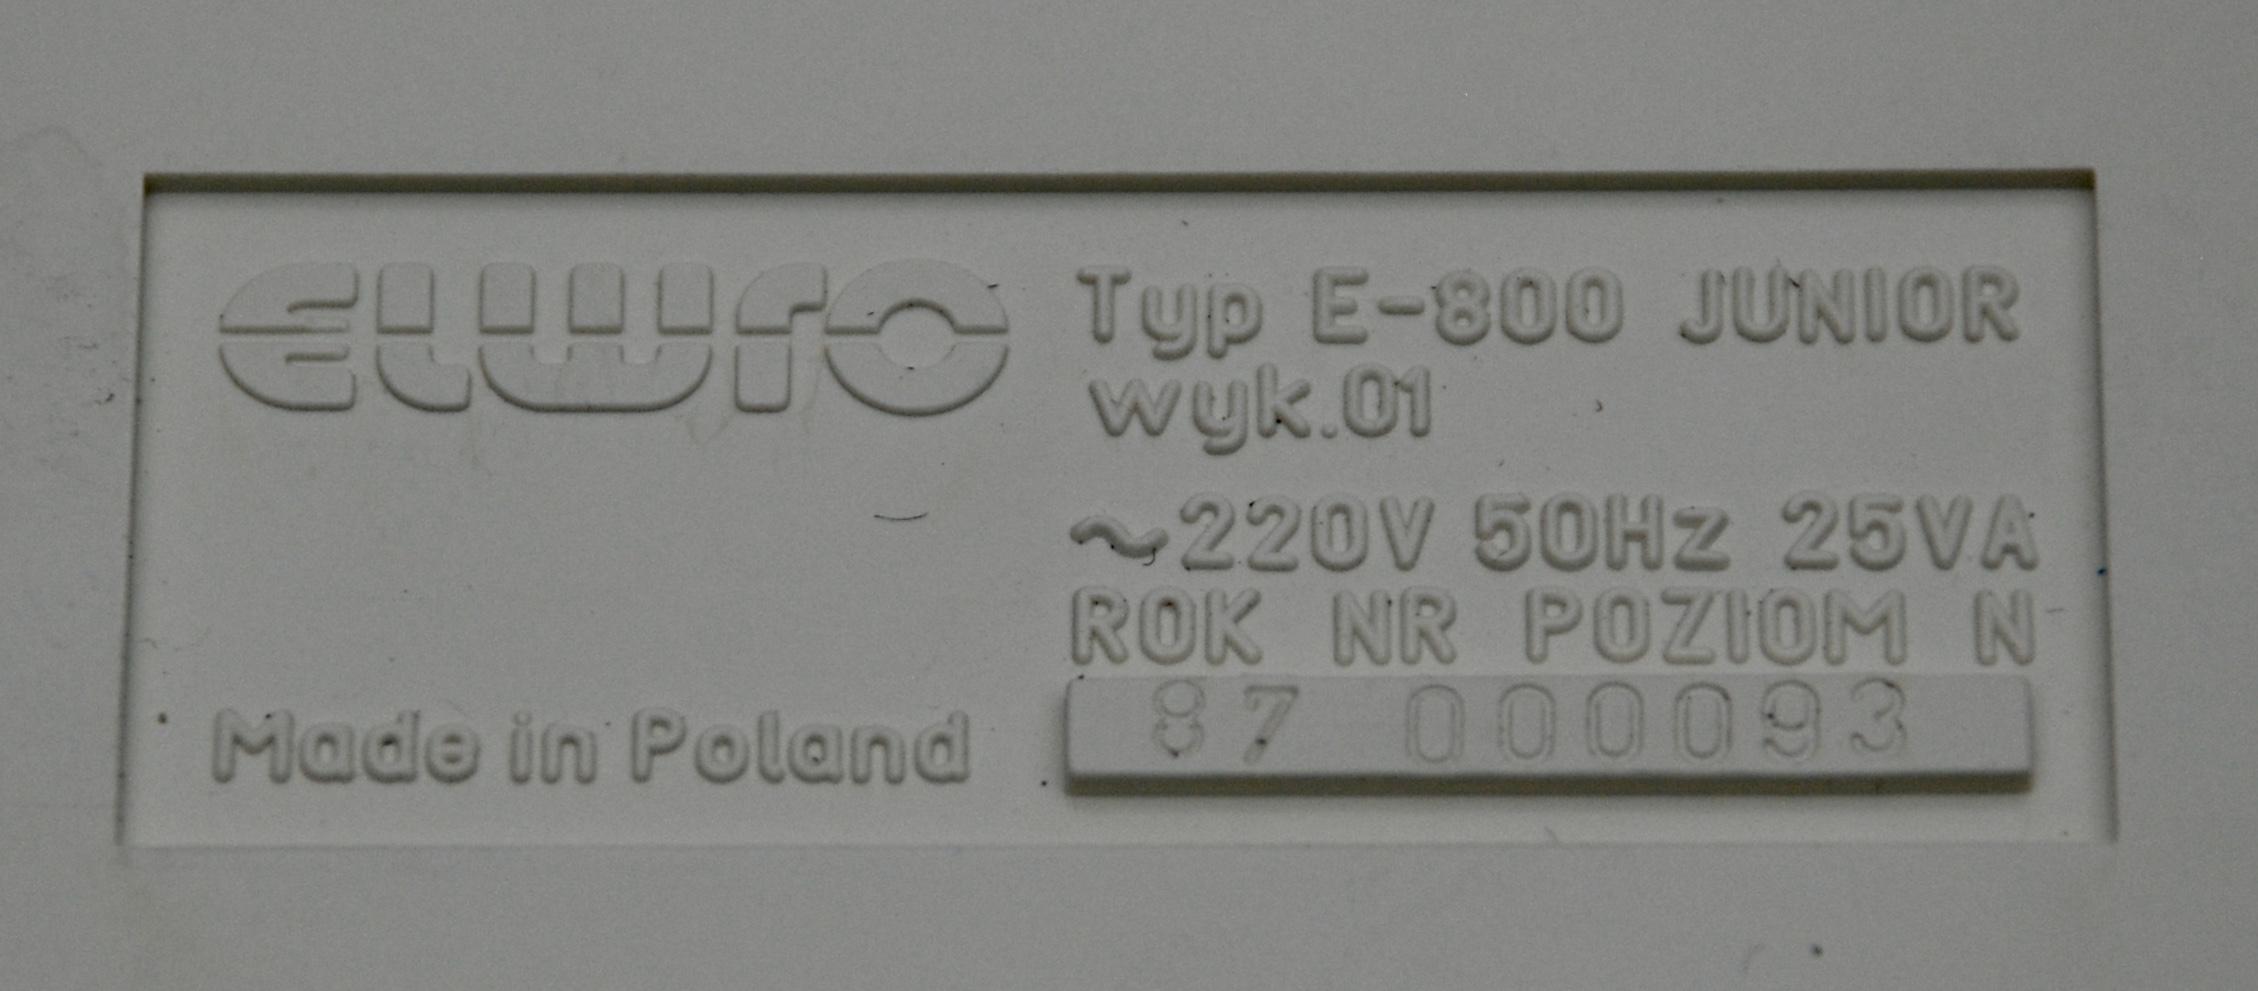 Elwro 800 Old Crap Vintage Computing